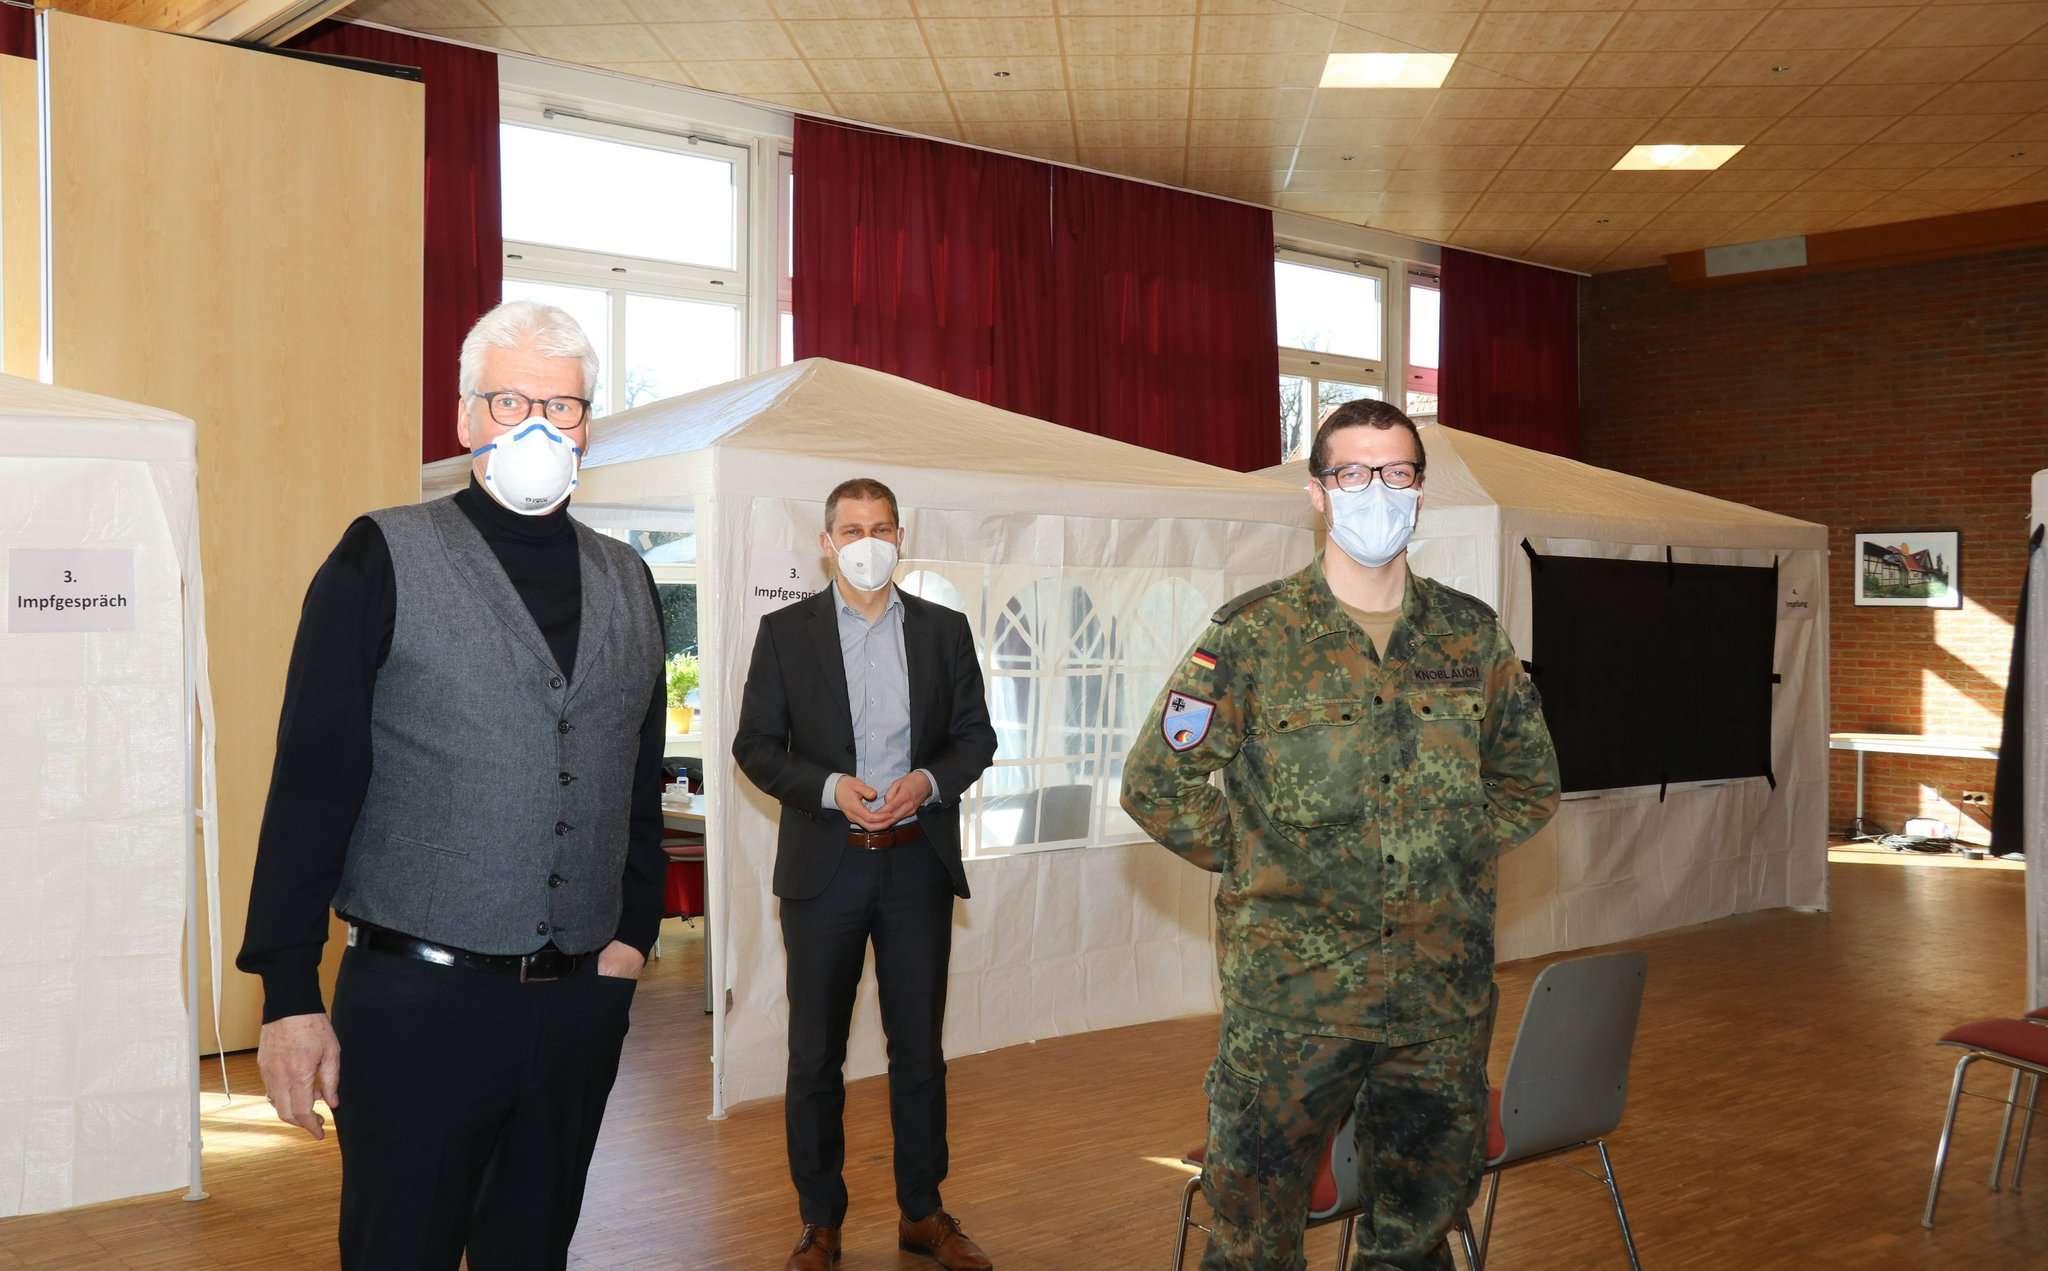 Ralf Goebel (von links), der CDU-Landtagsabgeordnete Eike Holsten und Chris Knoblauch stellten die Arbeit in der Impfeinrichtung in Wittorf vor. Foto: Nina Baucke